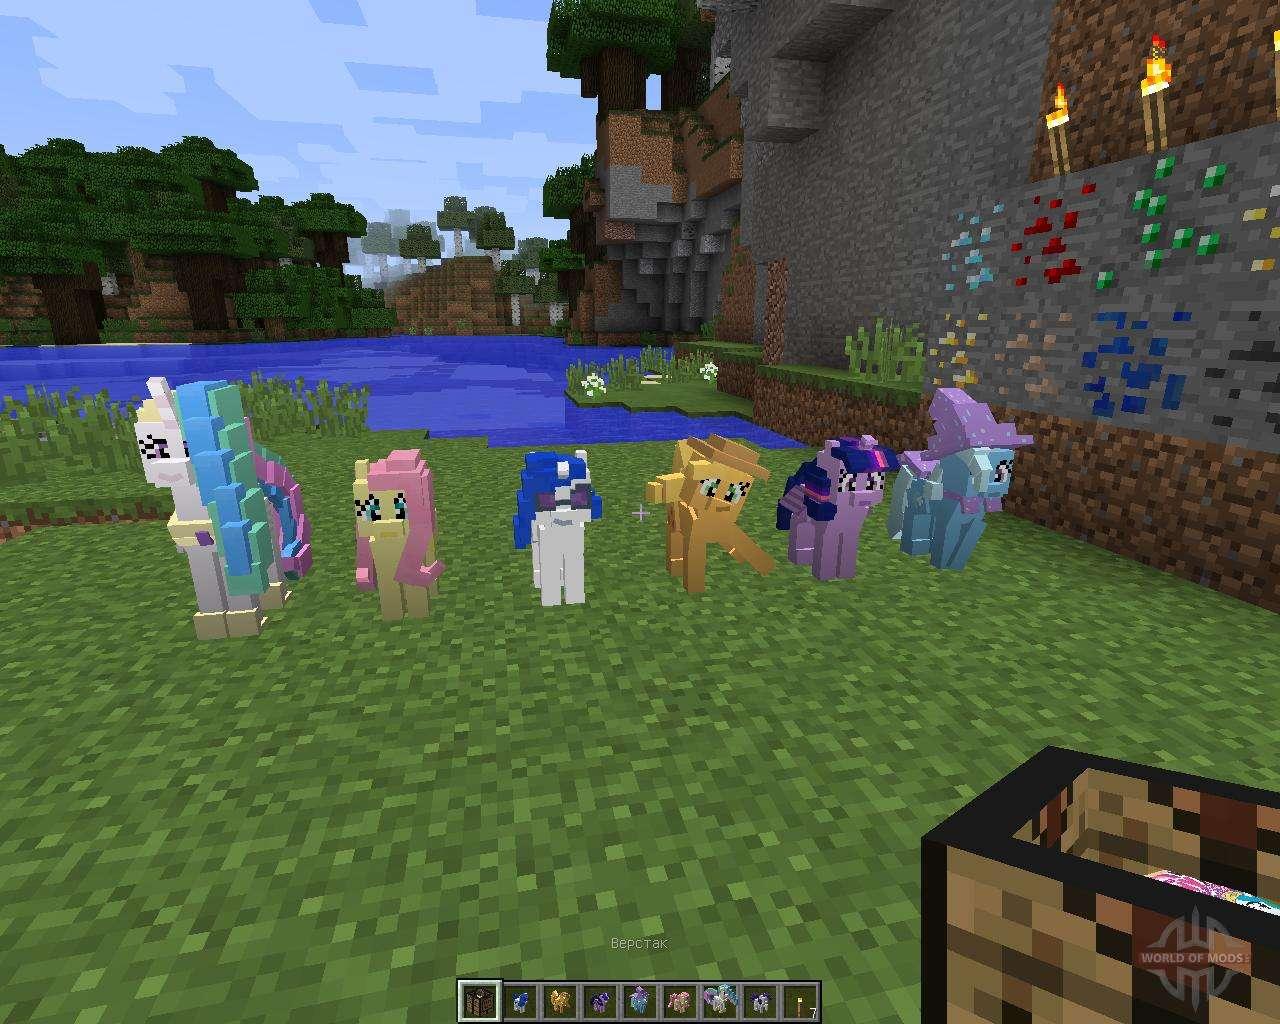 Скачать текстурпак Foal Free для Minecraft 1.7.4 – My ...